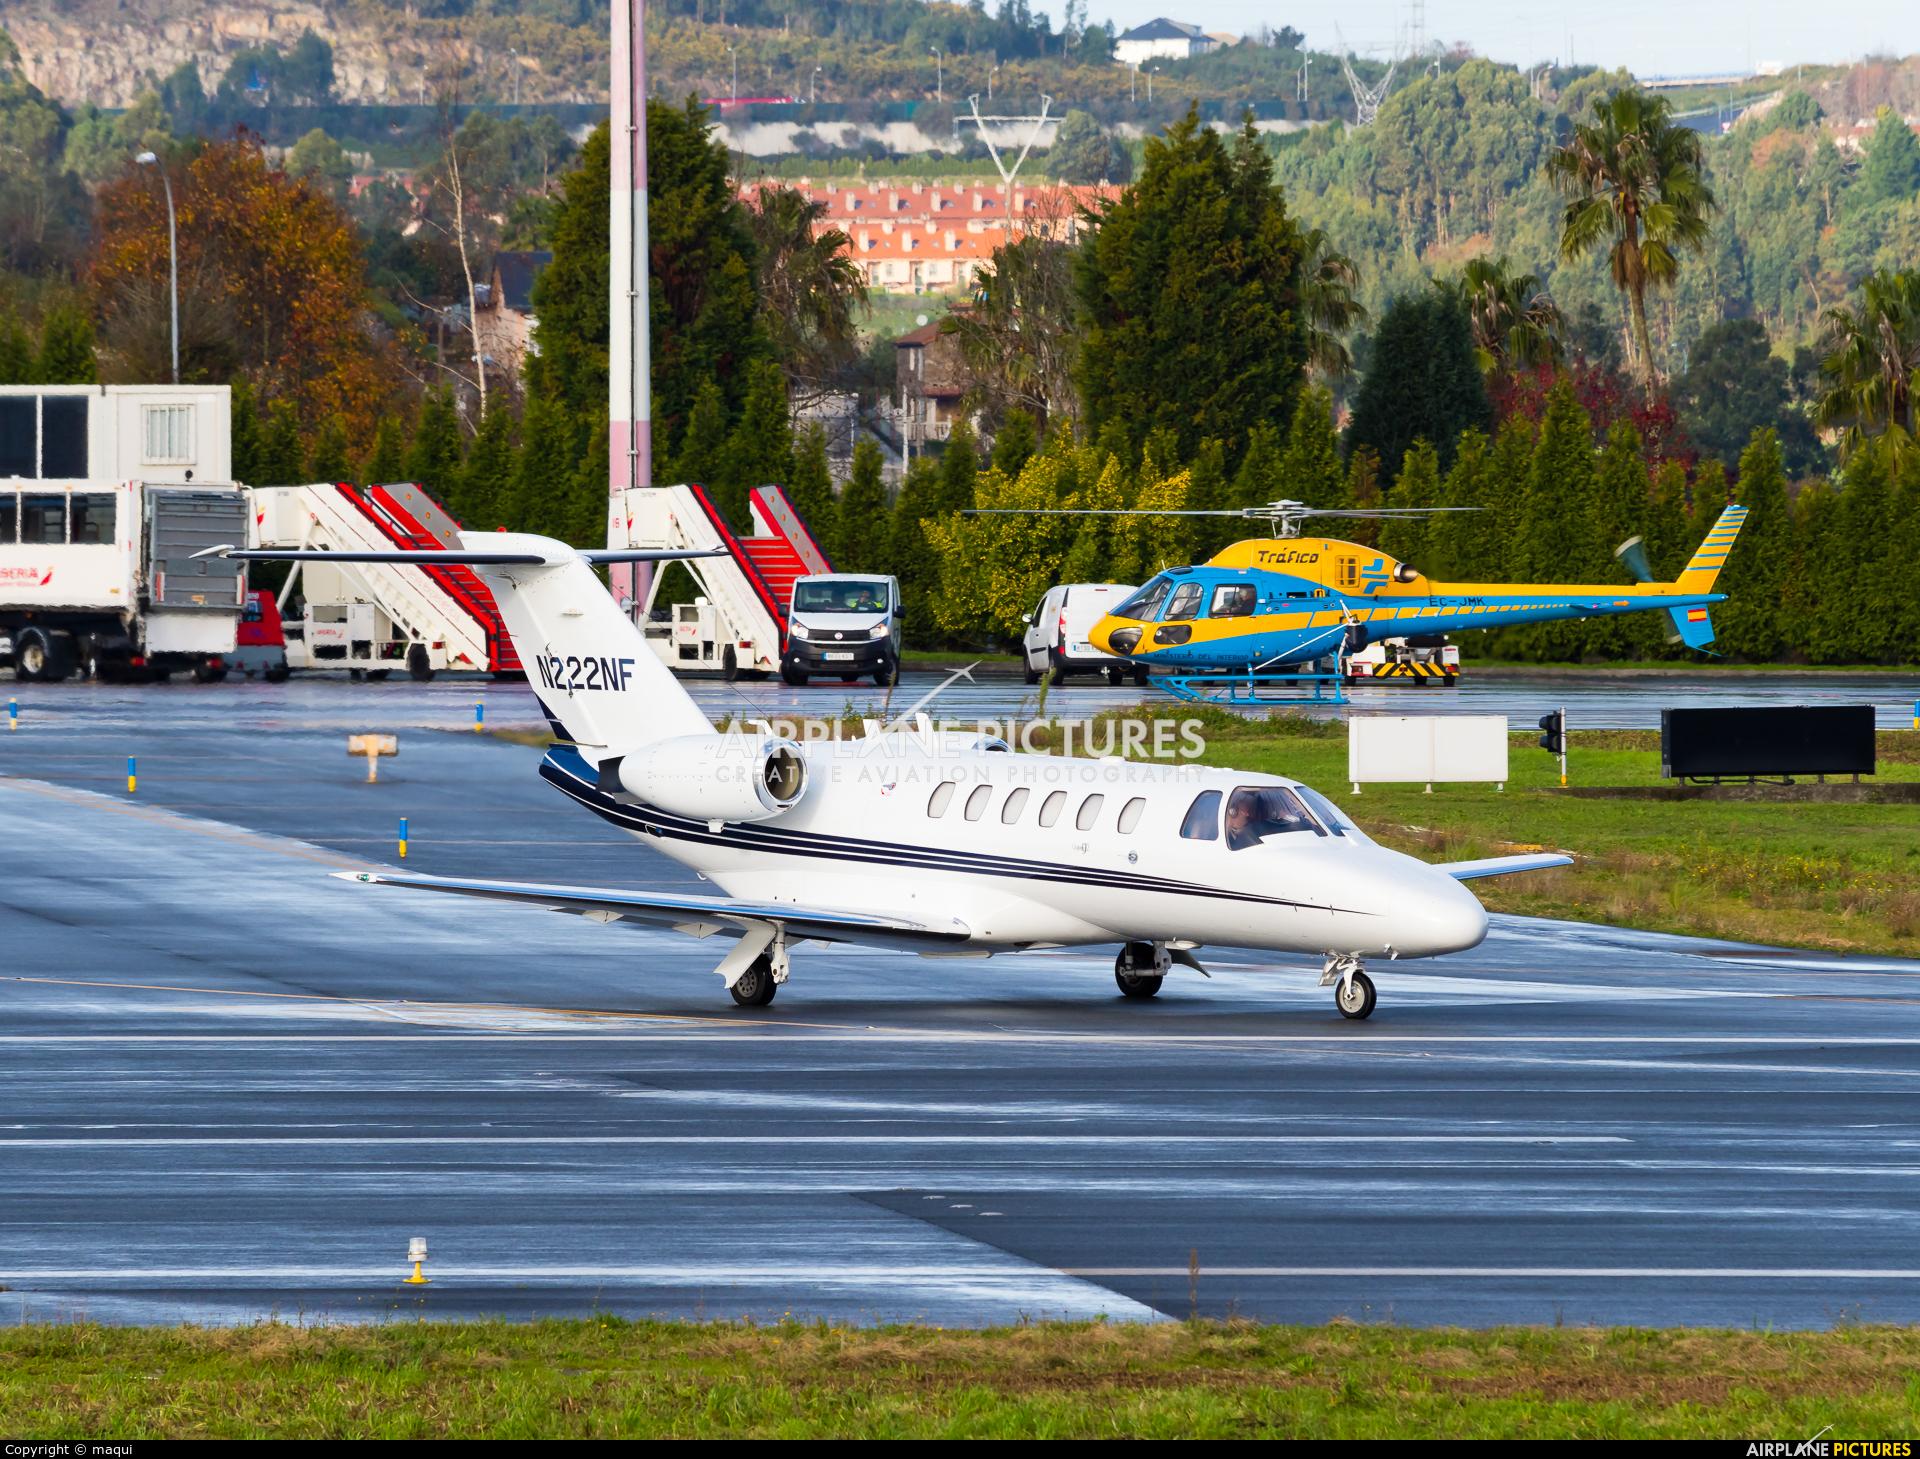 Merak Aviation N222NF aircraft at La Coruña